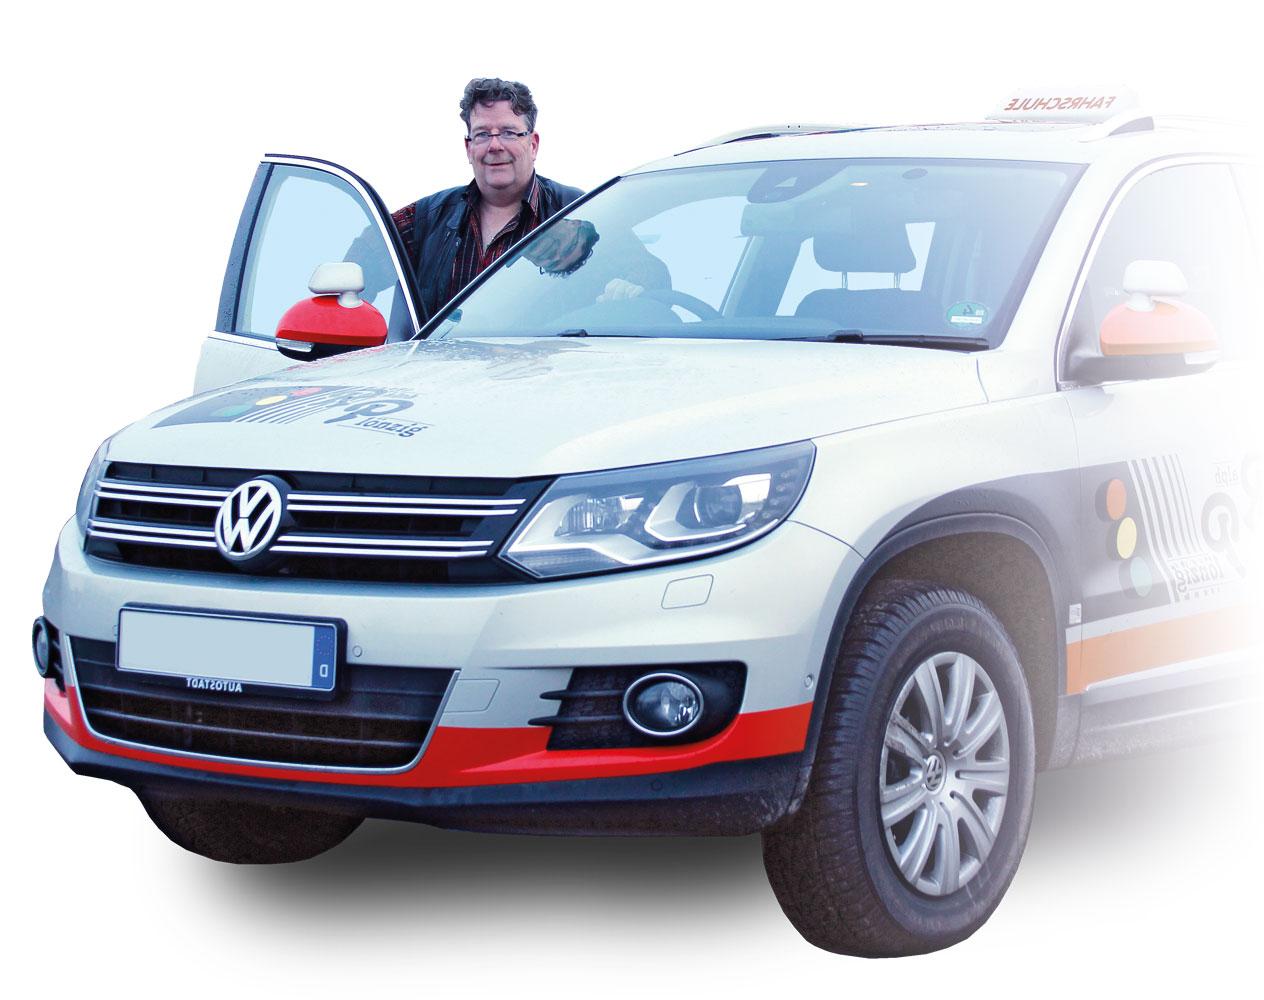 VW_Tiguan_Ploenzig_v